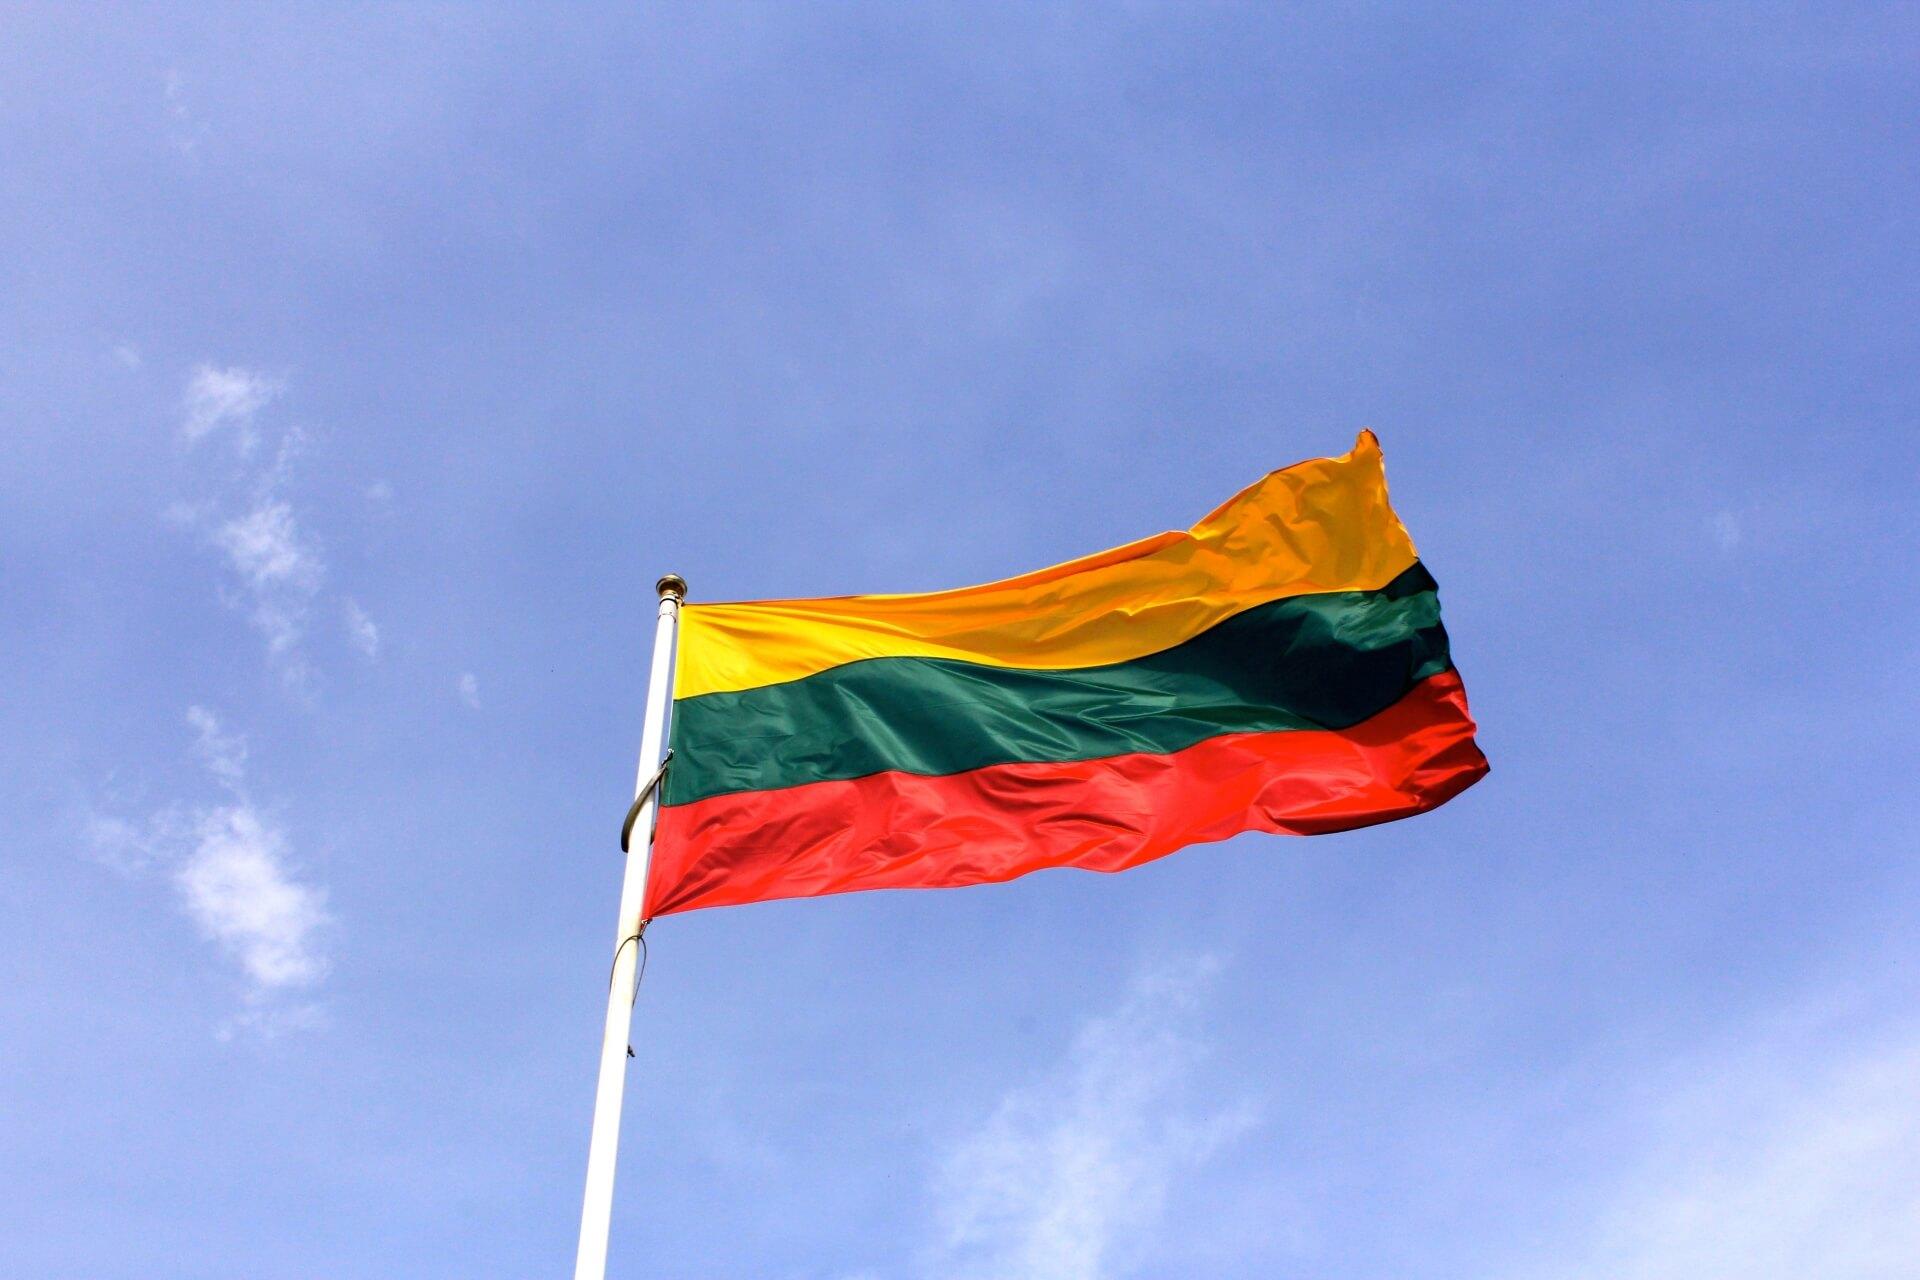 リトアニア:親台反中のリトアニア 専門家「中国への経済依存度が低いため」